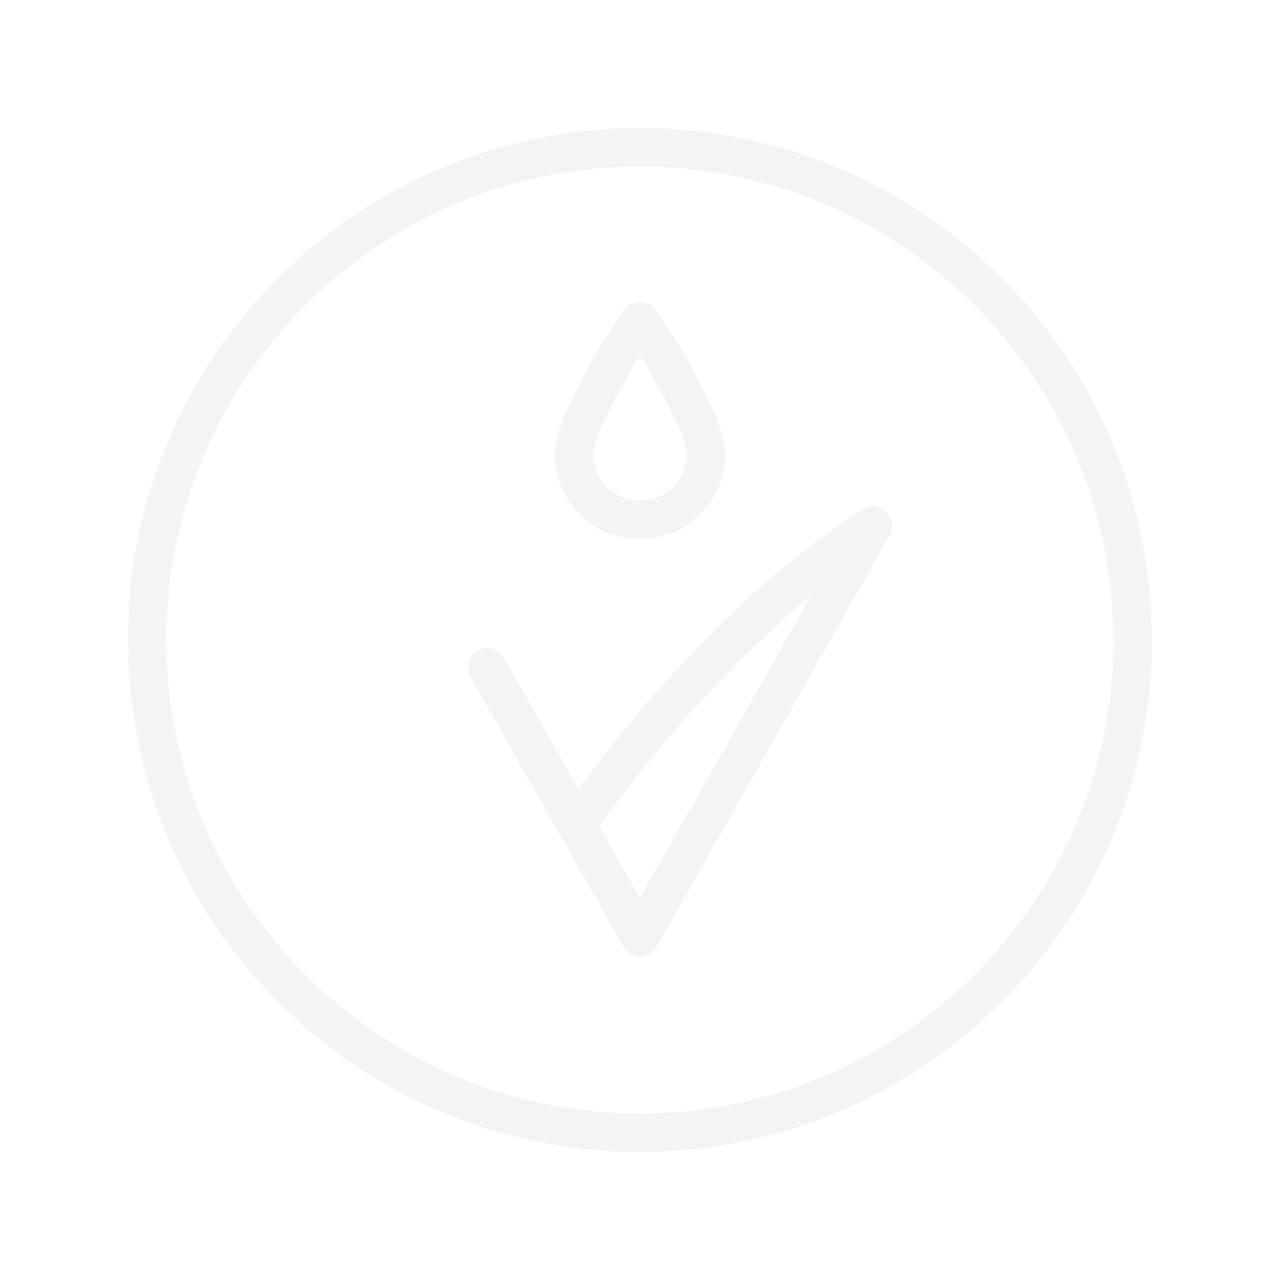 MOSSA Vitamin Moisture Conditioner 200ml увлажняющий кондиционер для волос